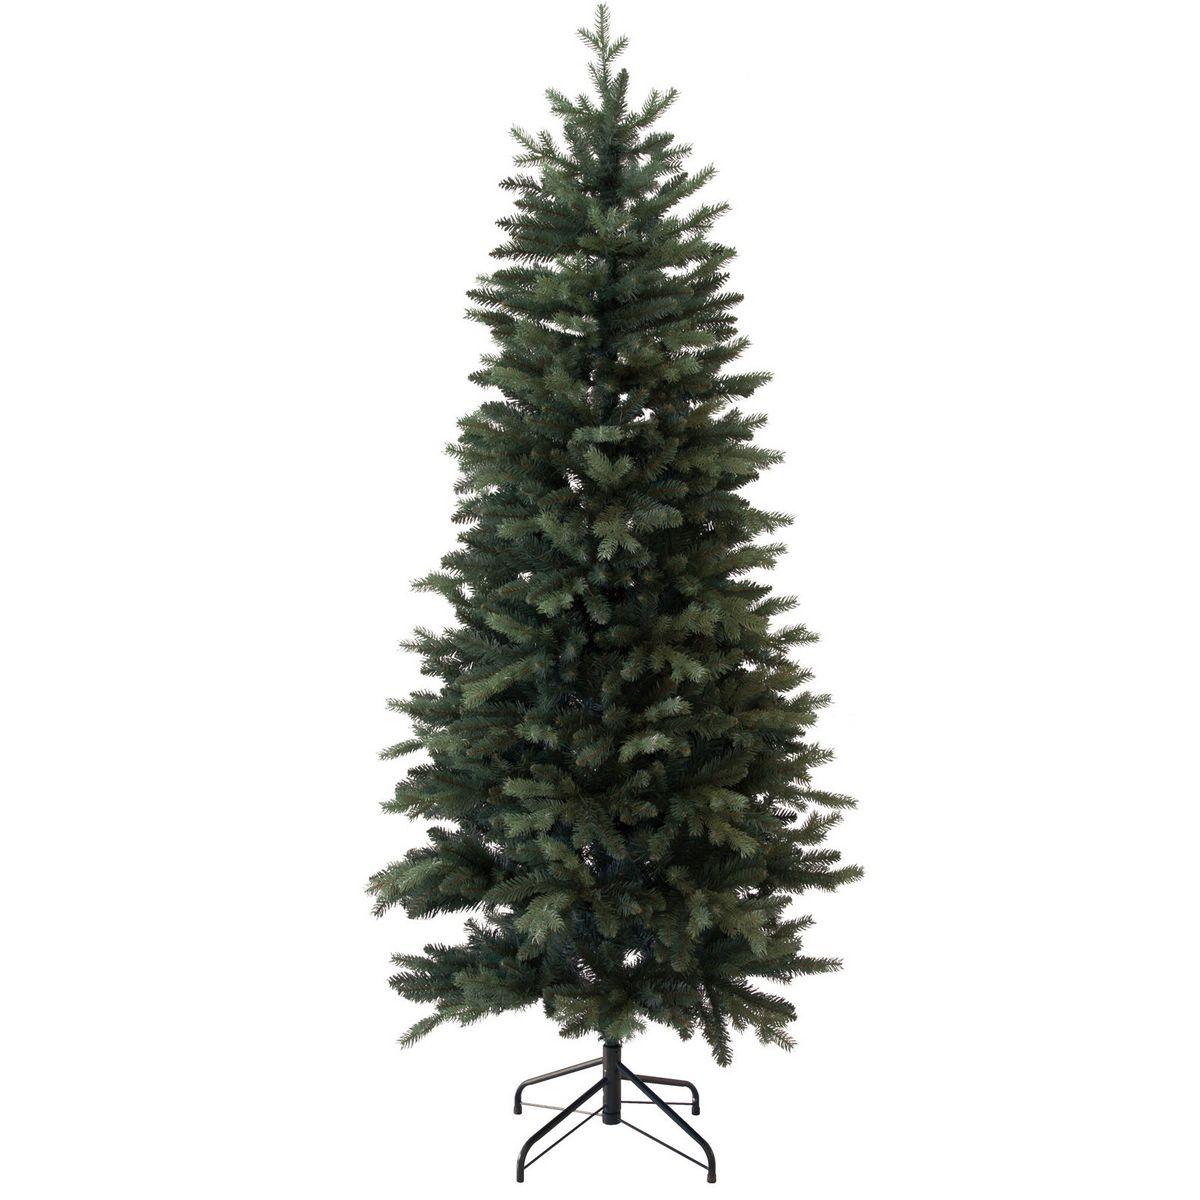 YDM/300cmブルーヒルパインツリー/CAA-173【01】【取寄】《 店舗ディスプレイ クリスマス飾り クリスマスツリー 》